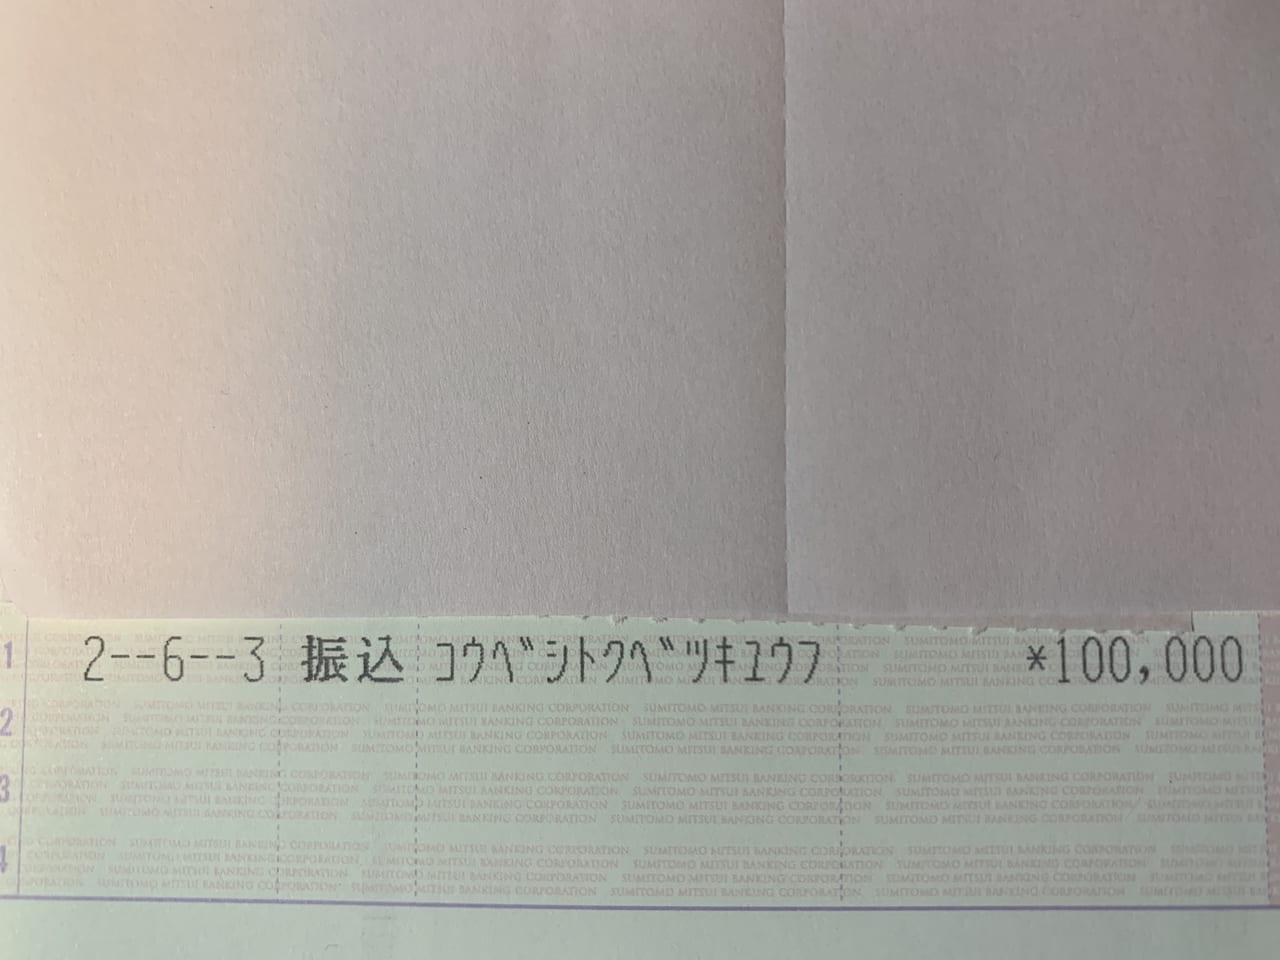 名古屋市 給付金 振り込まれた